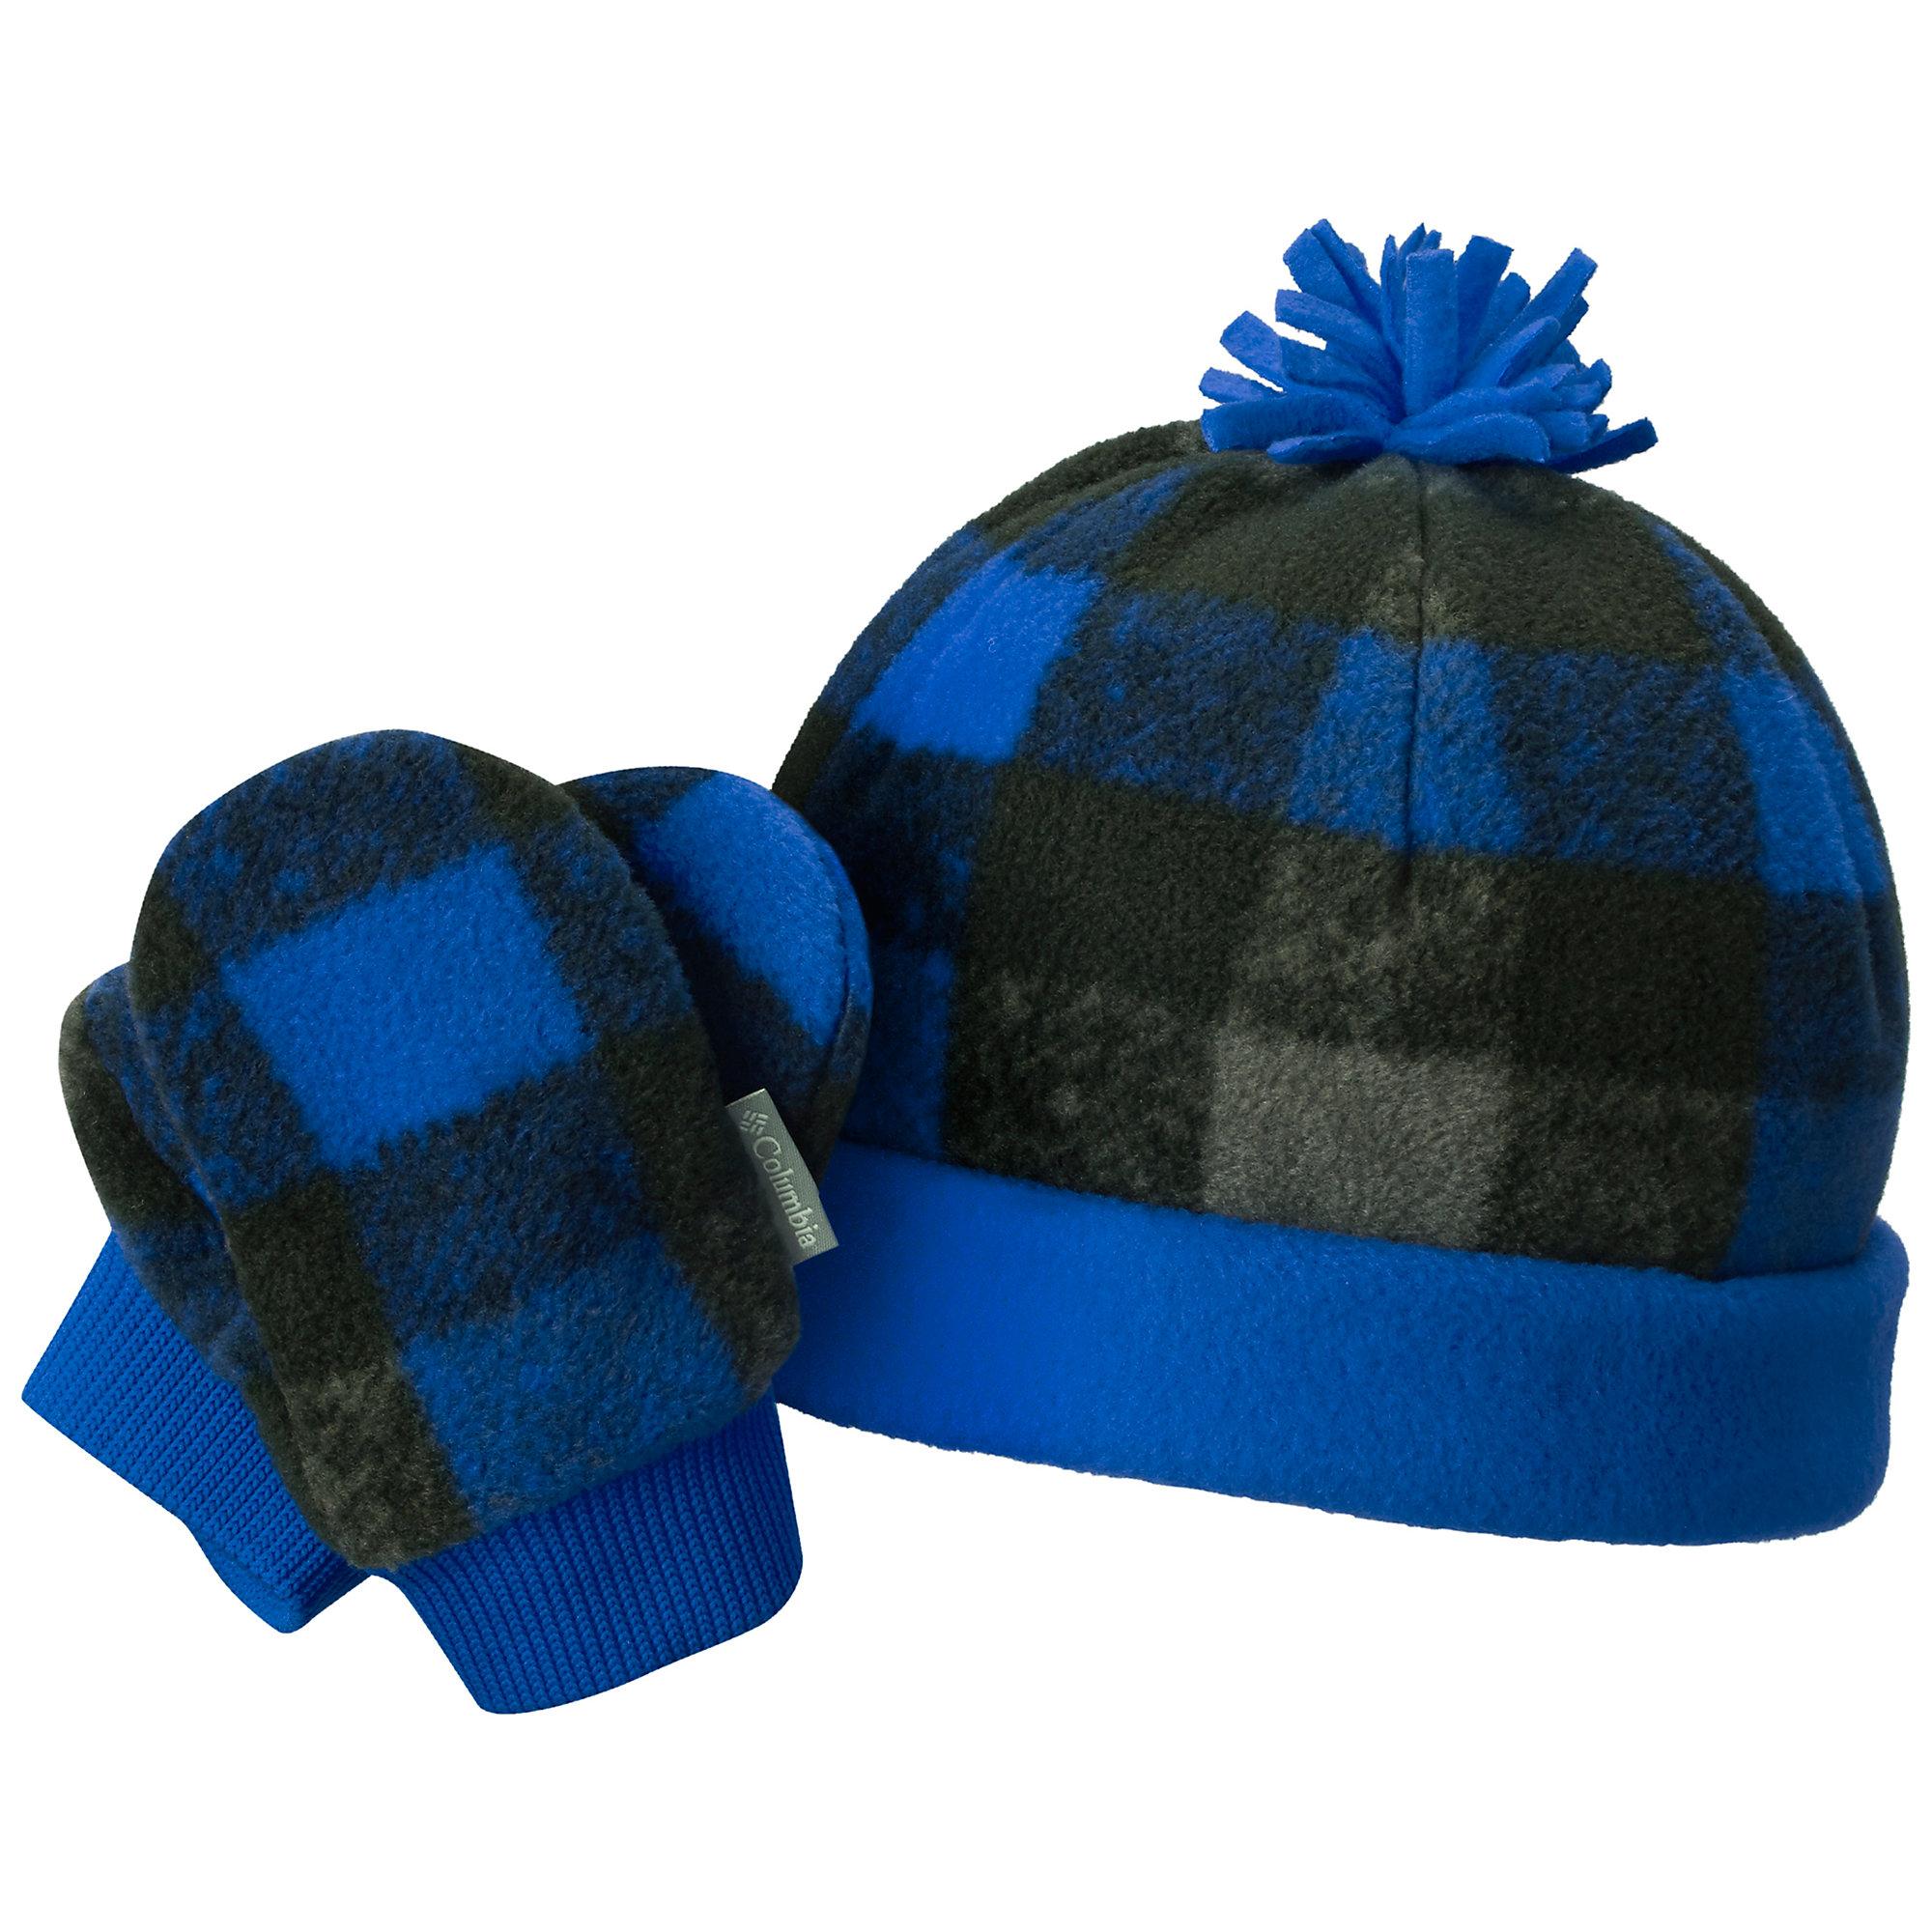 Columbia Frosty Fleece II Set - Toddler